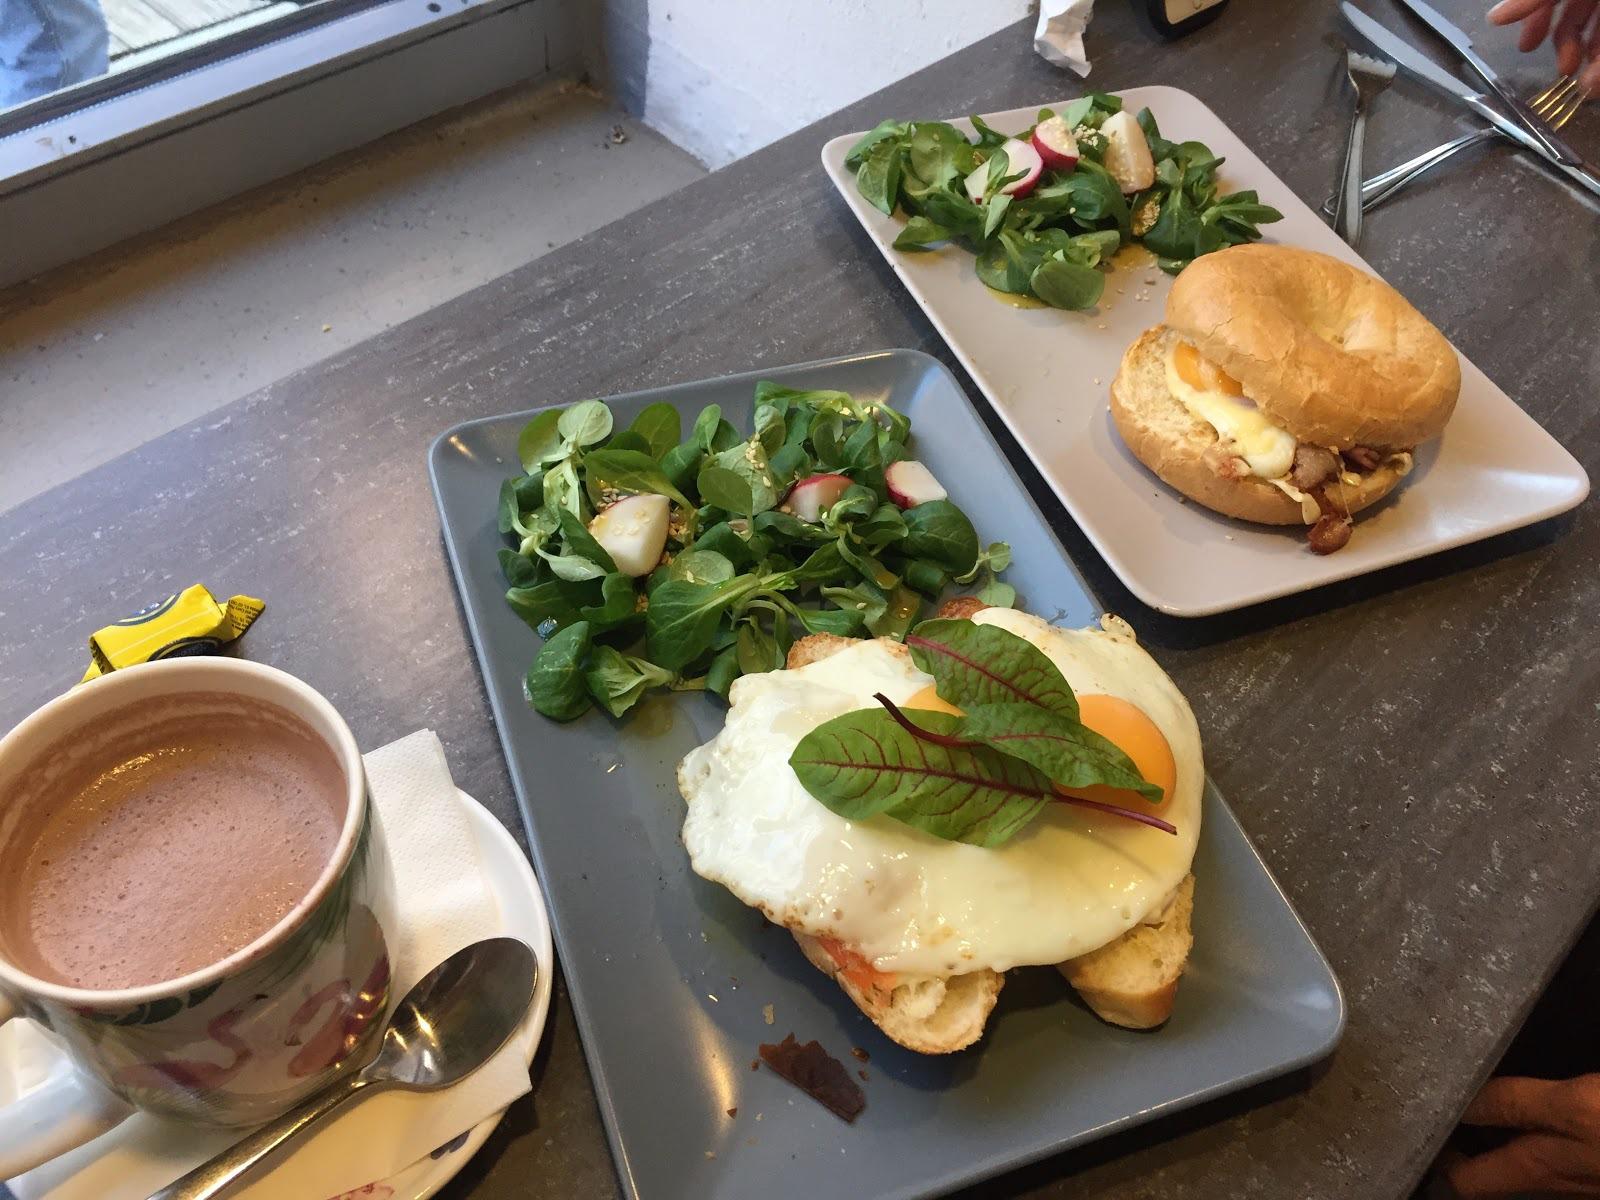 フェスティバル御用達のカフェの朝食